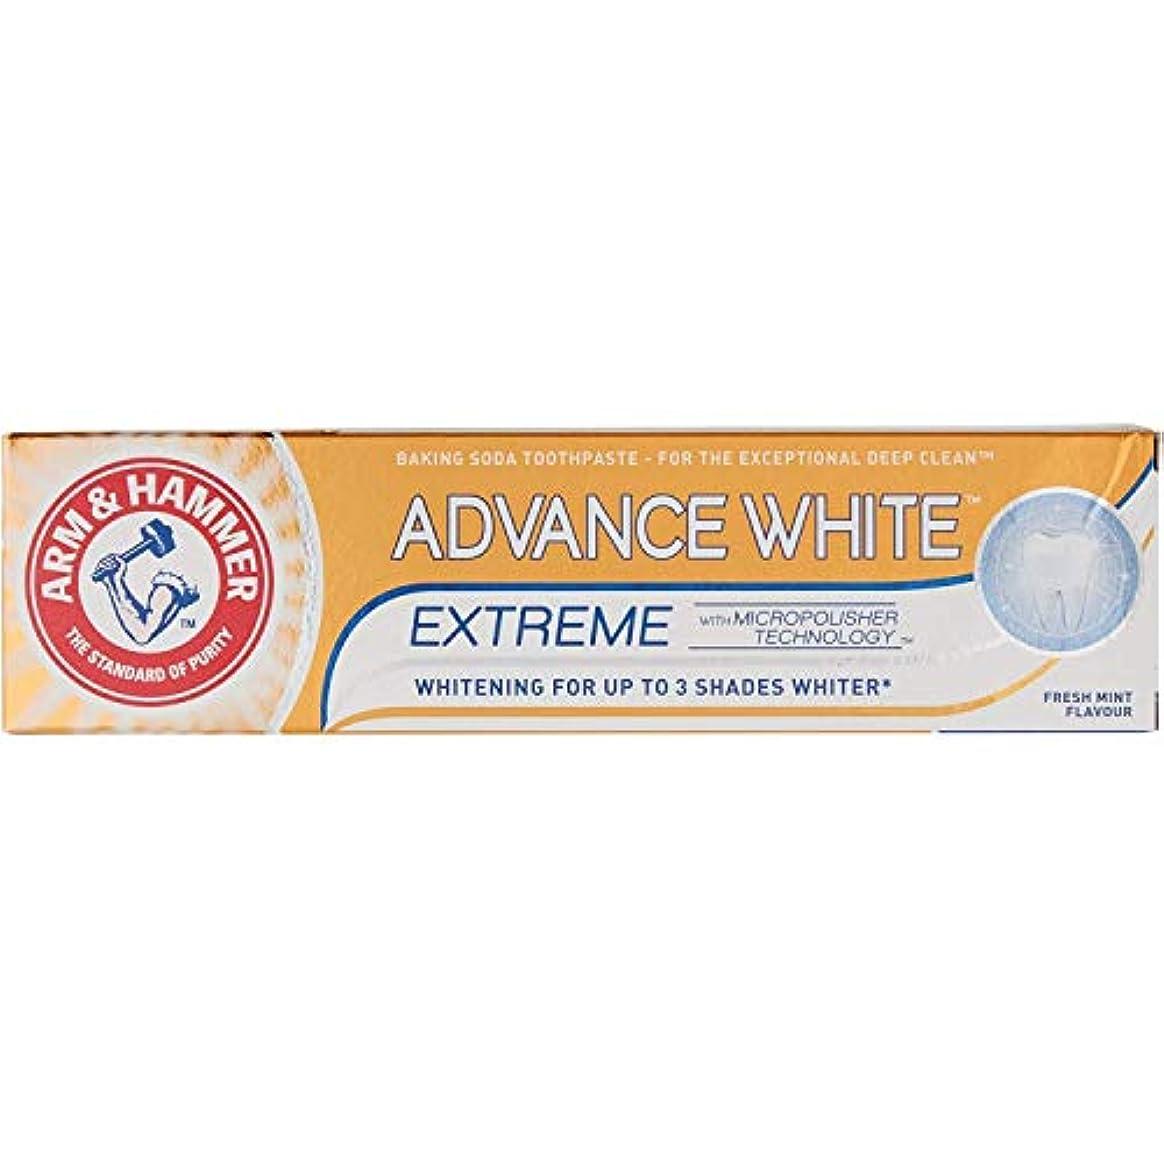 処方ブレンド淡いArm & Hammer Advance White Extreme Whitening Baking Soda Toothpaste 75Ml - Pack of 2 by Arm & Hammer